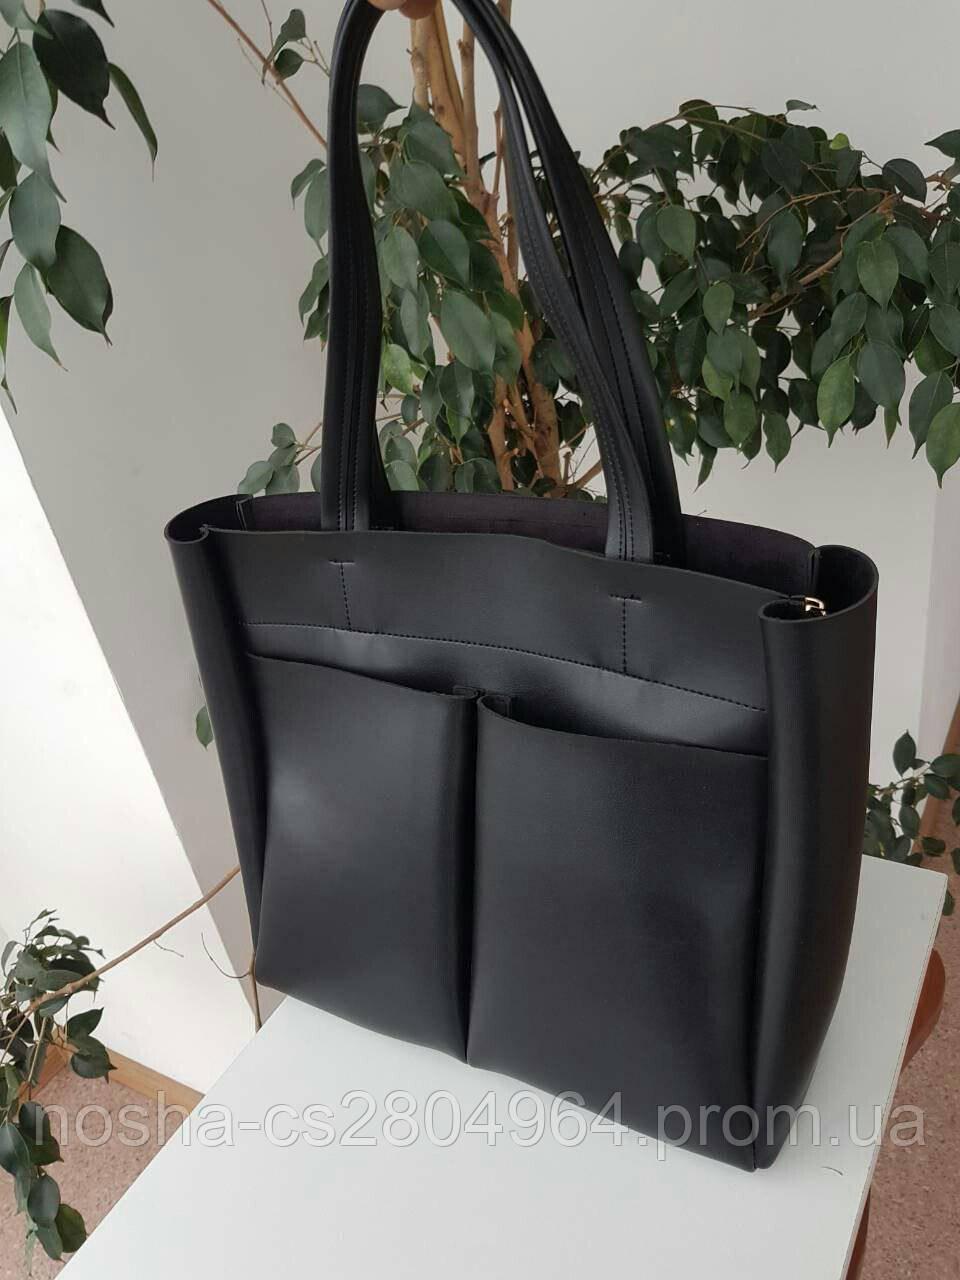 4a713383f4b4 Стильная сумка B.Elit / Сумка женская Б.Элит / BE / Большая сумка ...